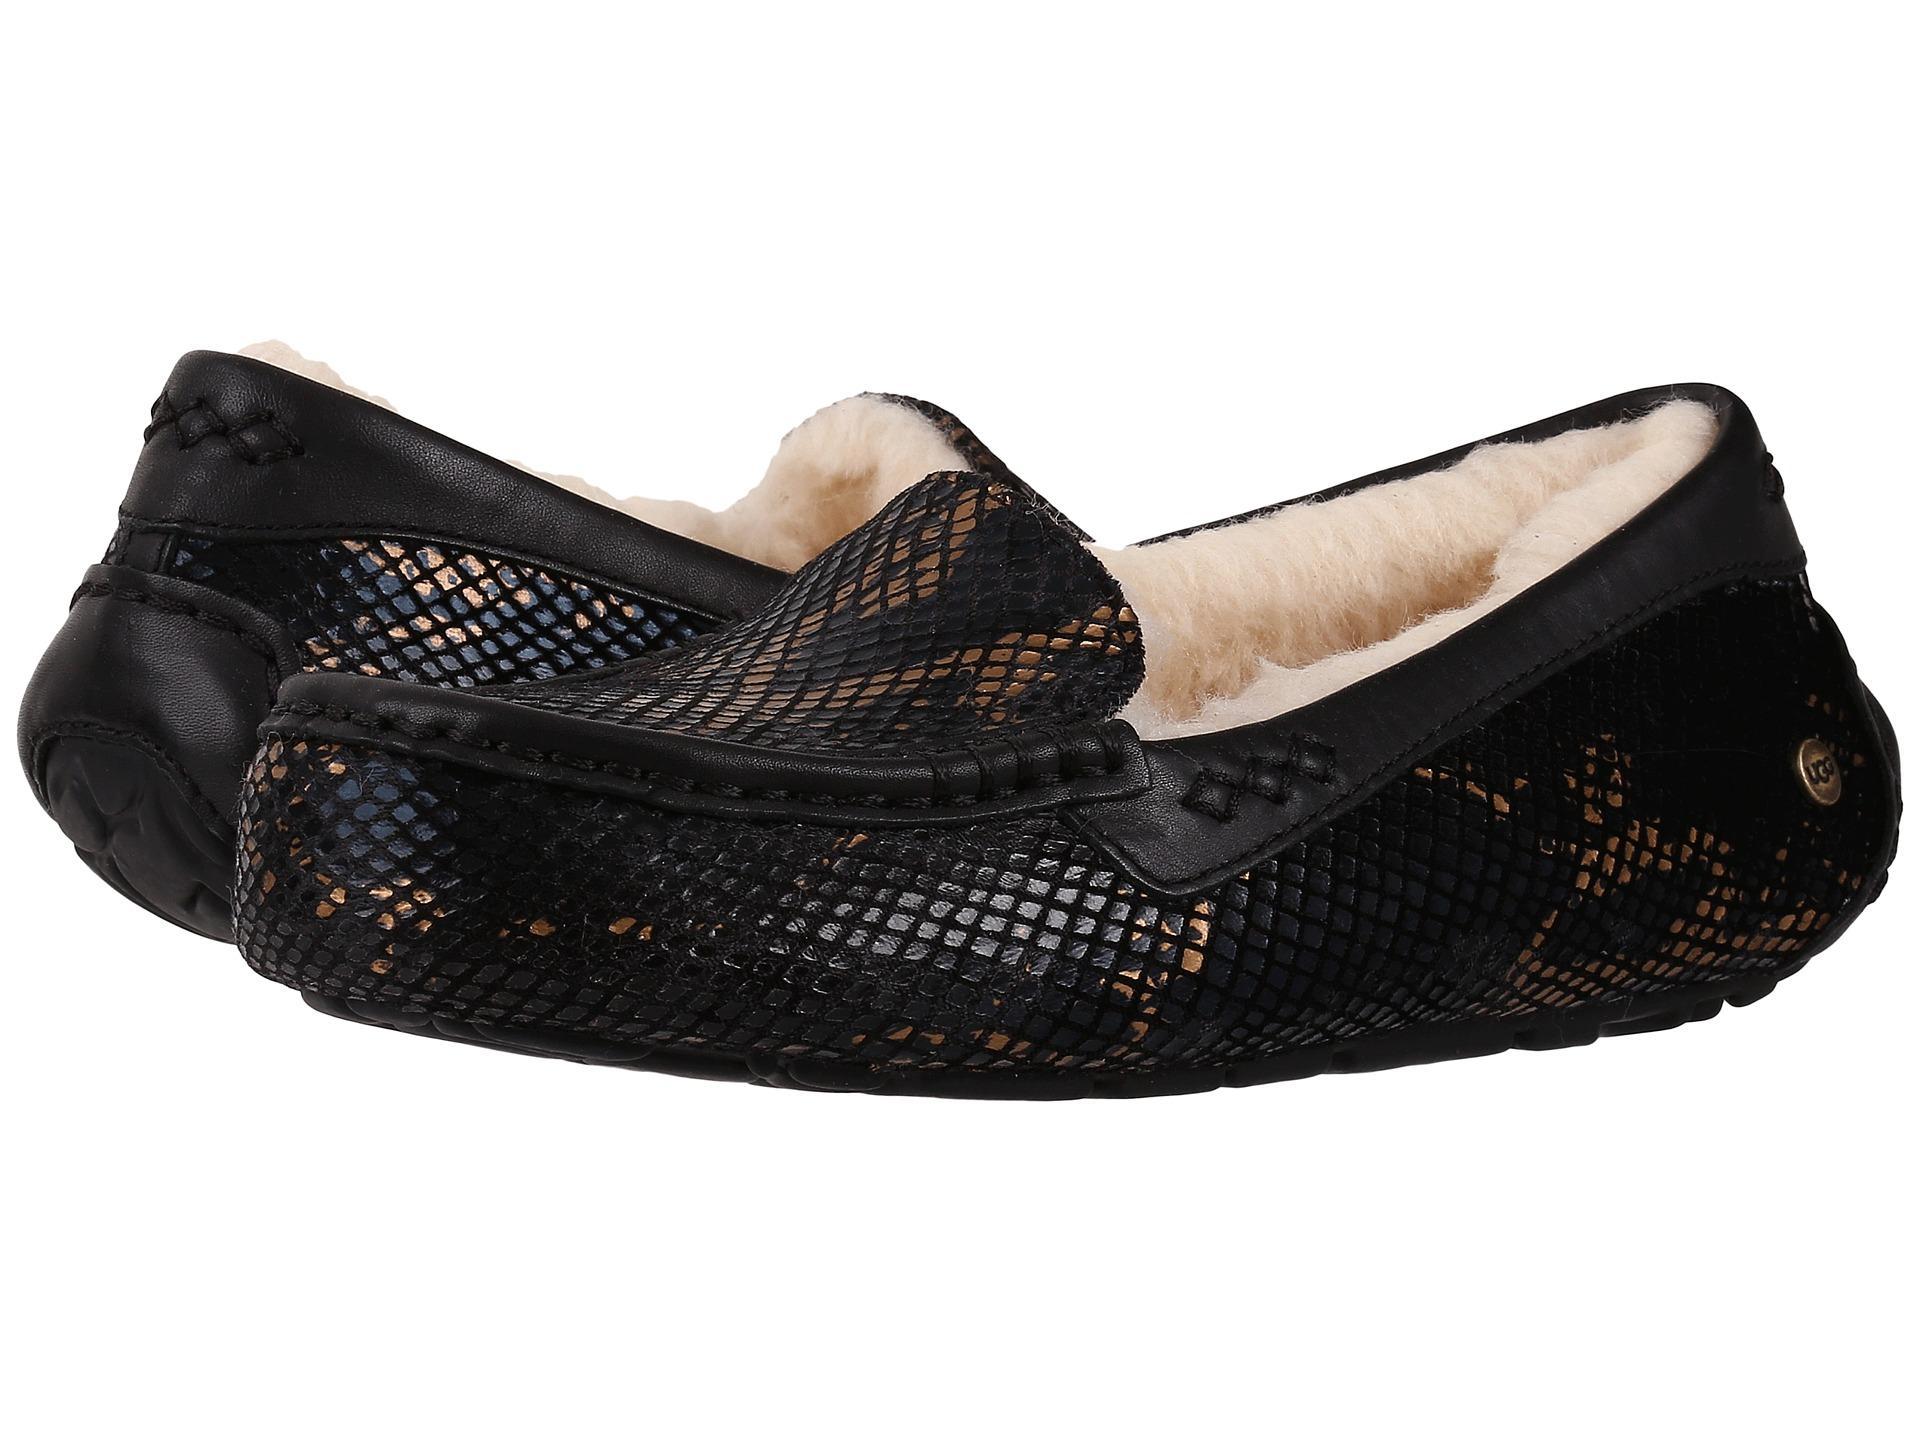 efd57e5b06a UGG Ansley Exotic Velvet in Black - Lyst